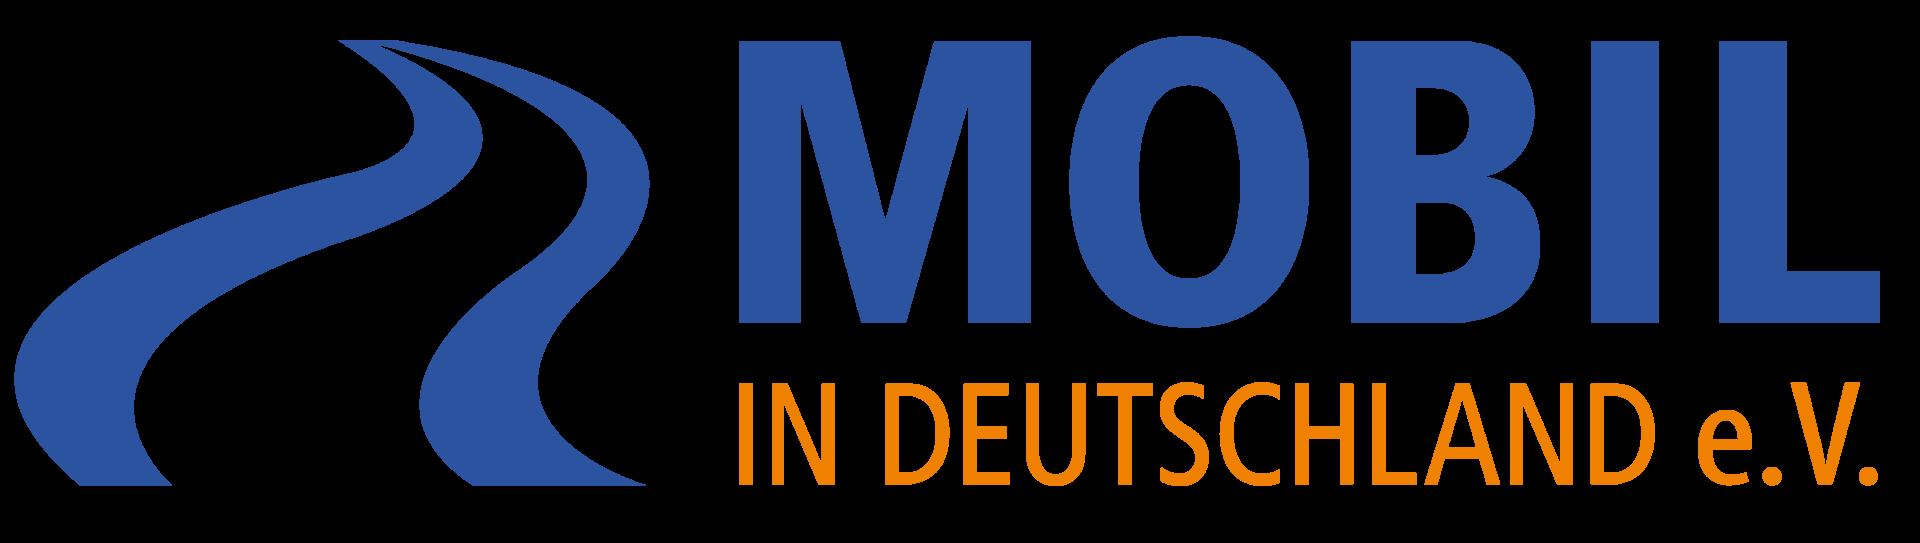 Mobil in Deutschland e.V.